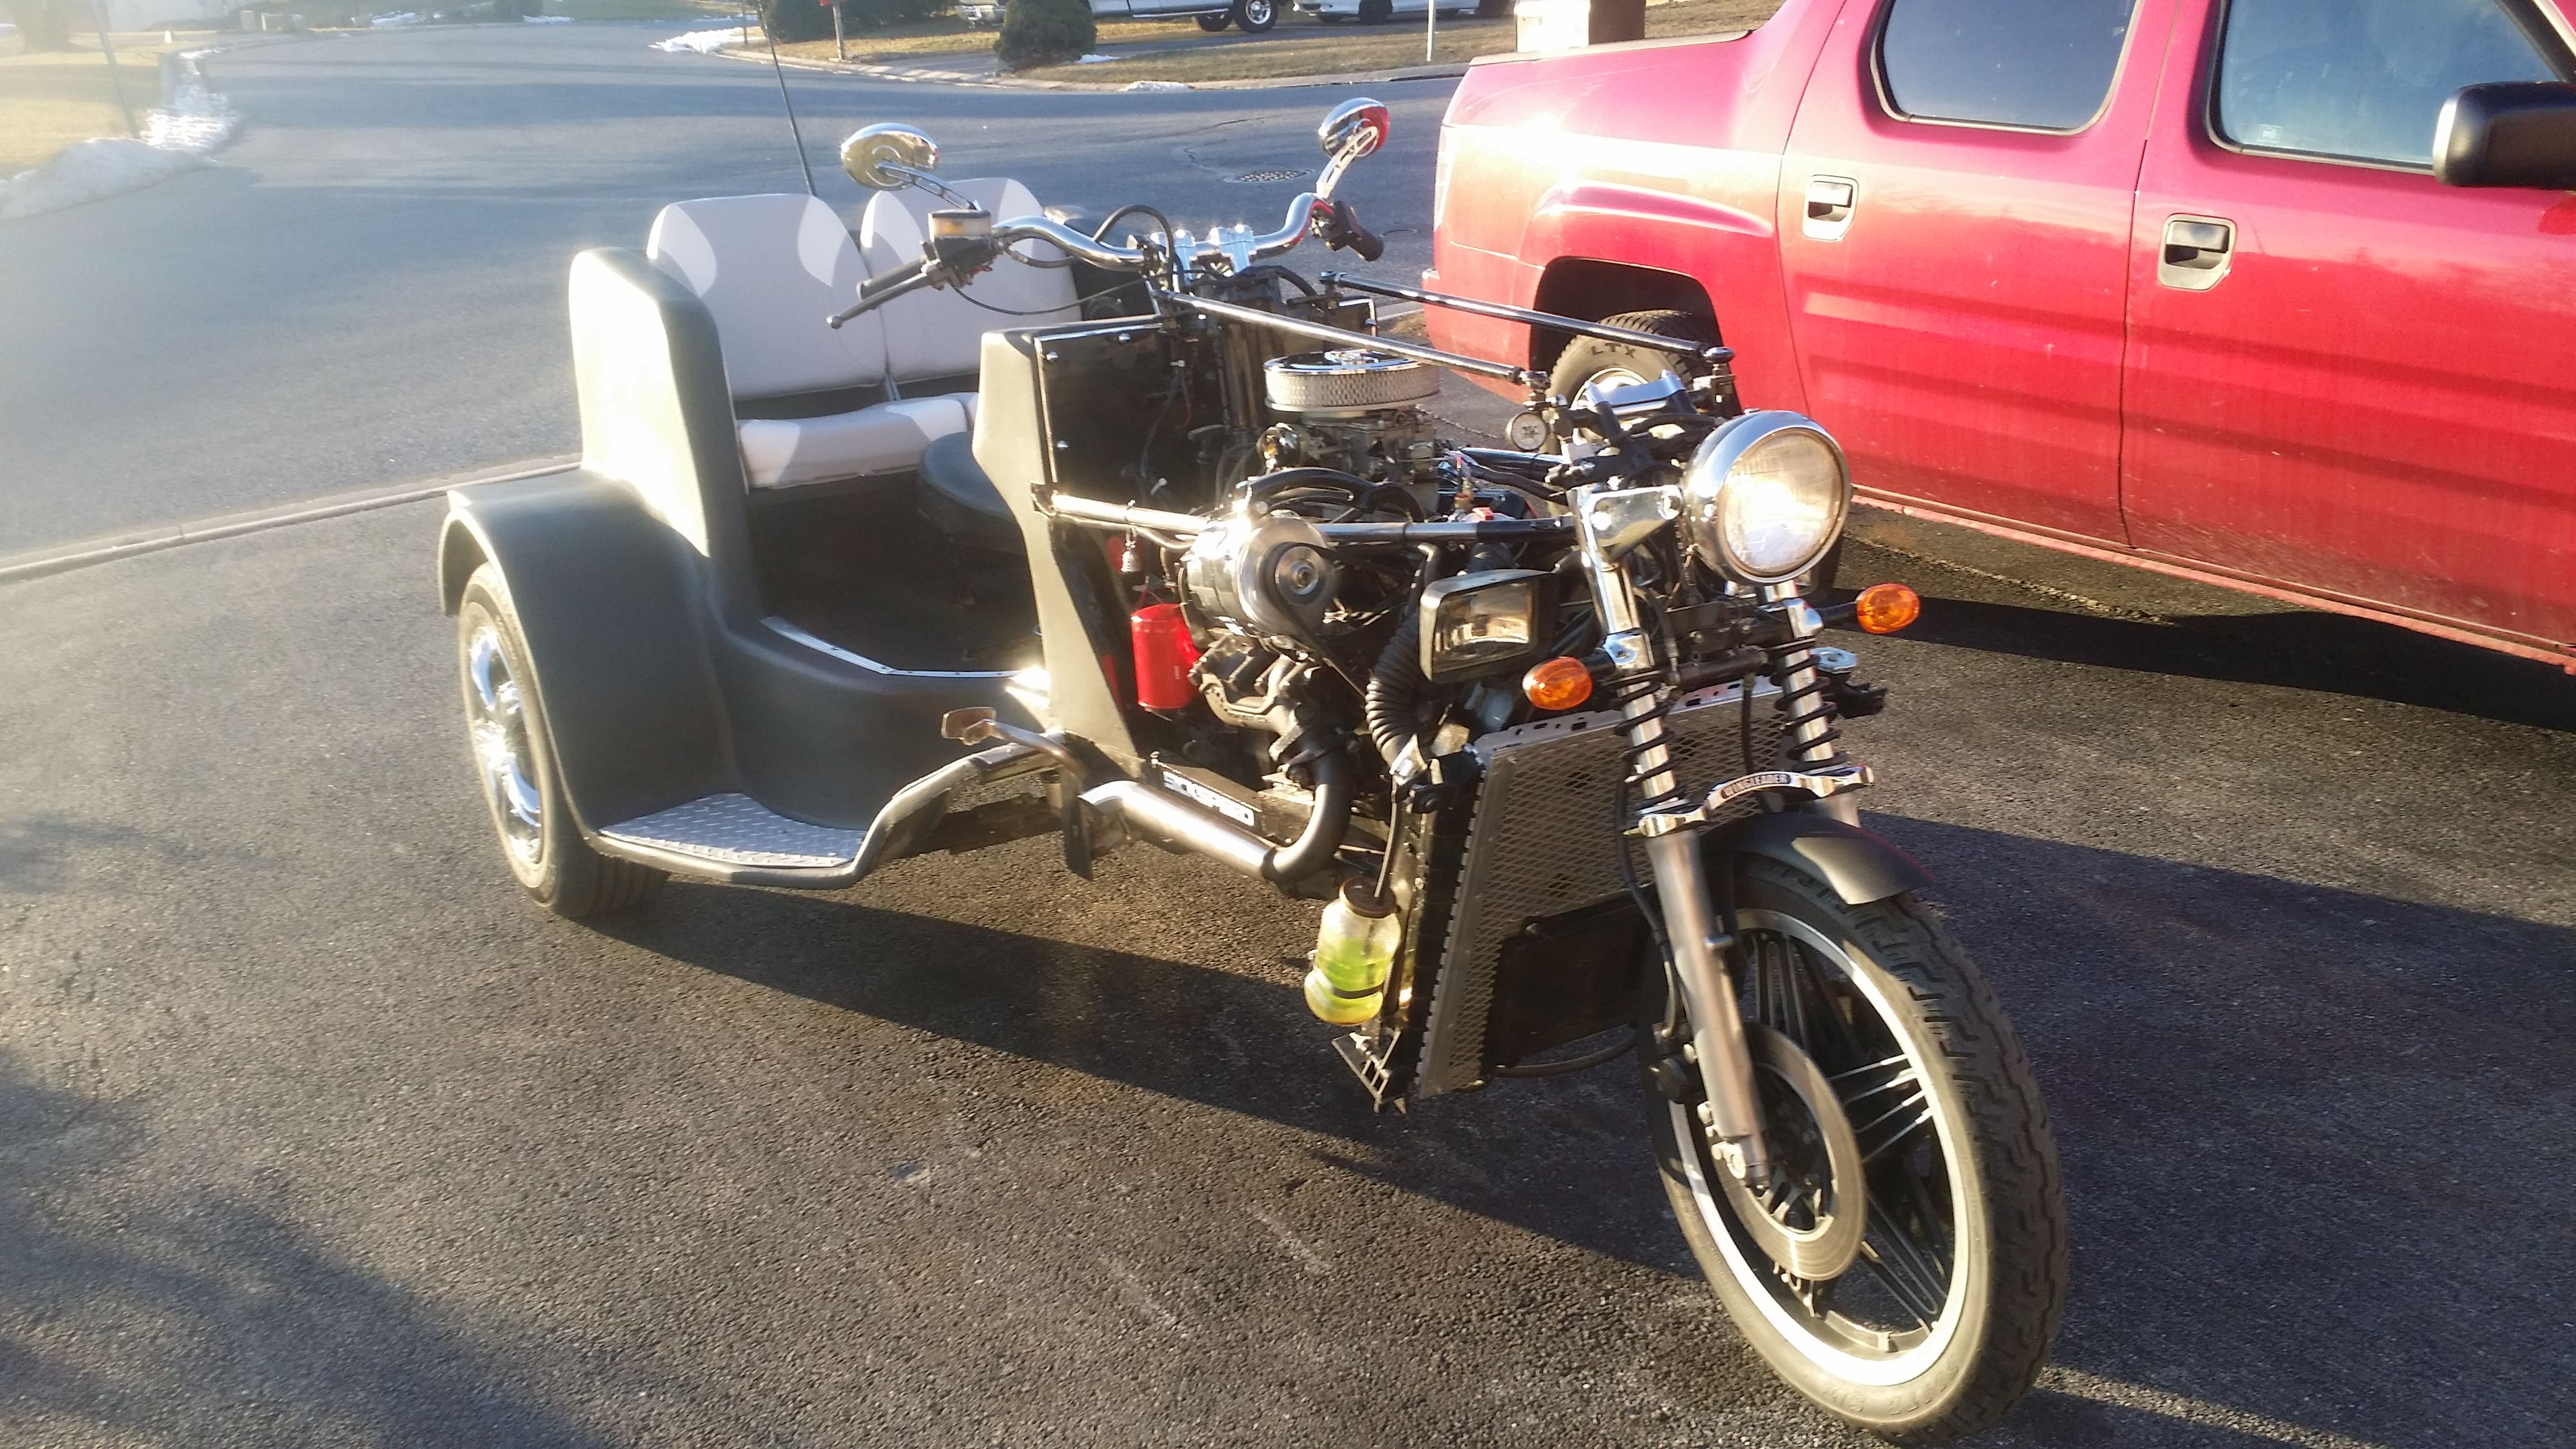 my v6 2.8 litter homemade trike motorcycle